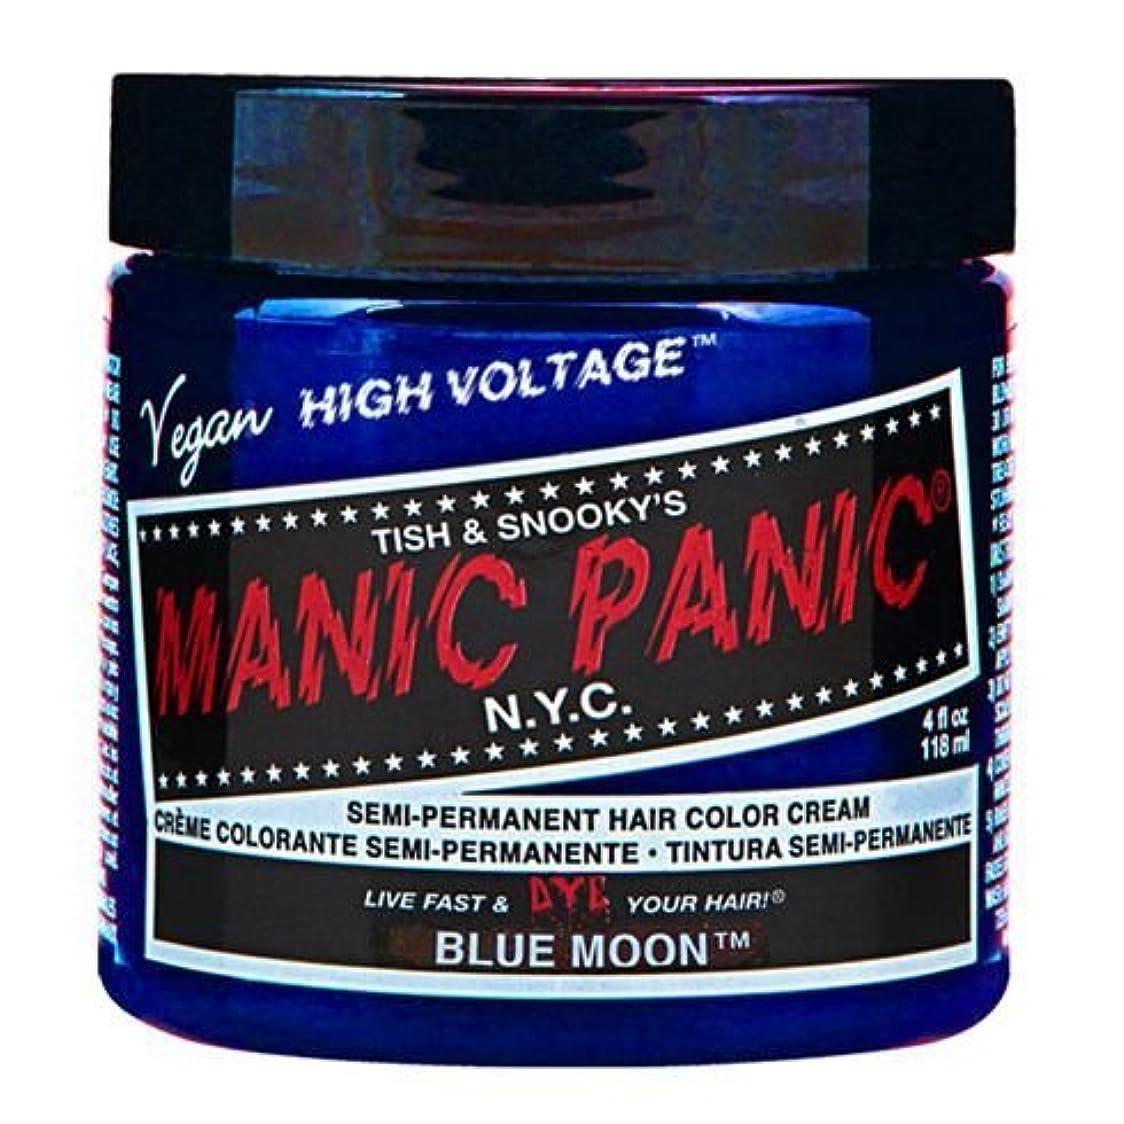 ラリーベルモント王室ガイドスペシャルセットMANIC PANICマニックパニック:Blue Moon (ブルームーン)+ヘアカラーケア4点セット